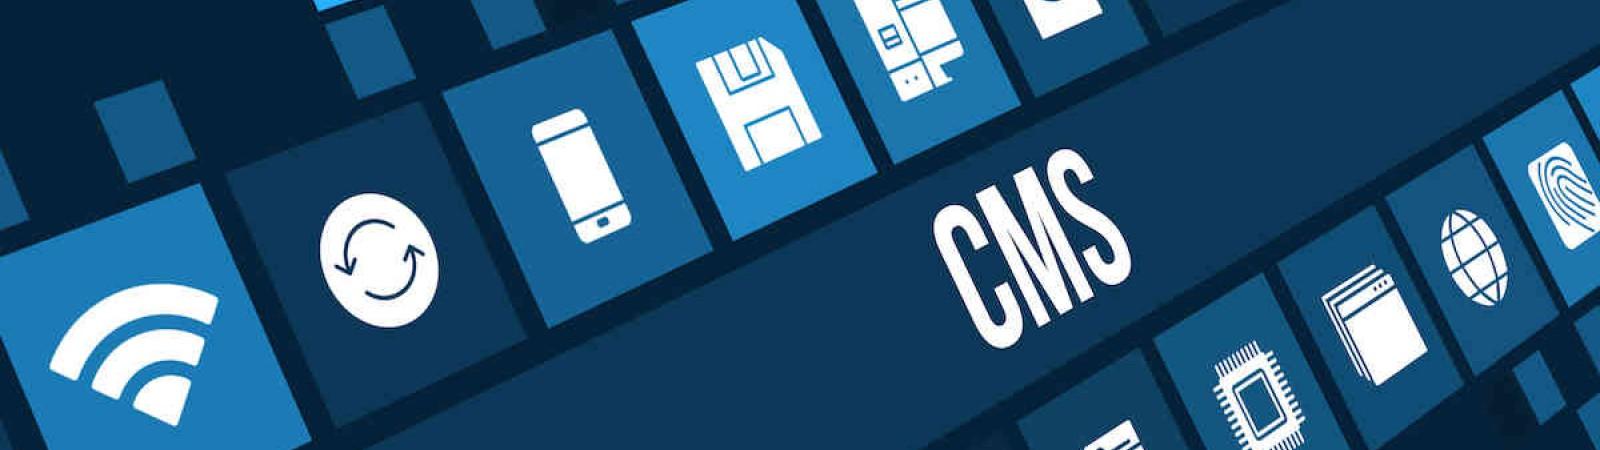 Corso Online Certificato Crea un sito web con WordPress